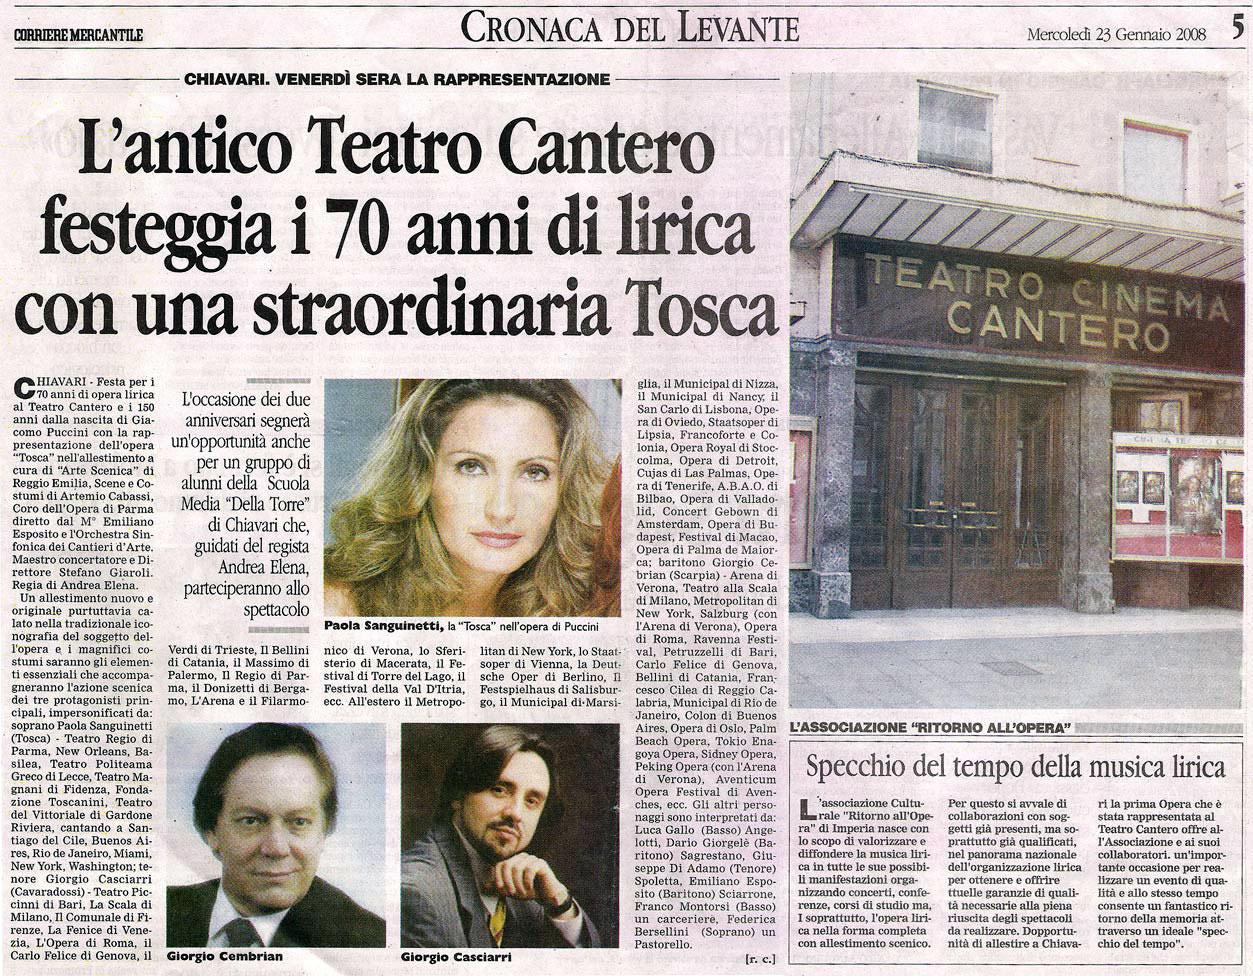 23.01.2008 – CORRIERE MERCANTILE – Tosca